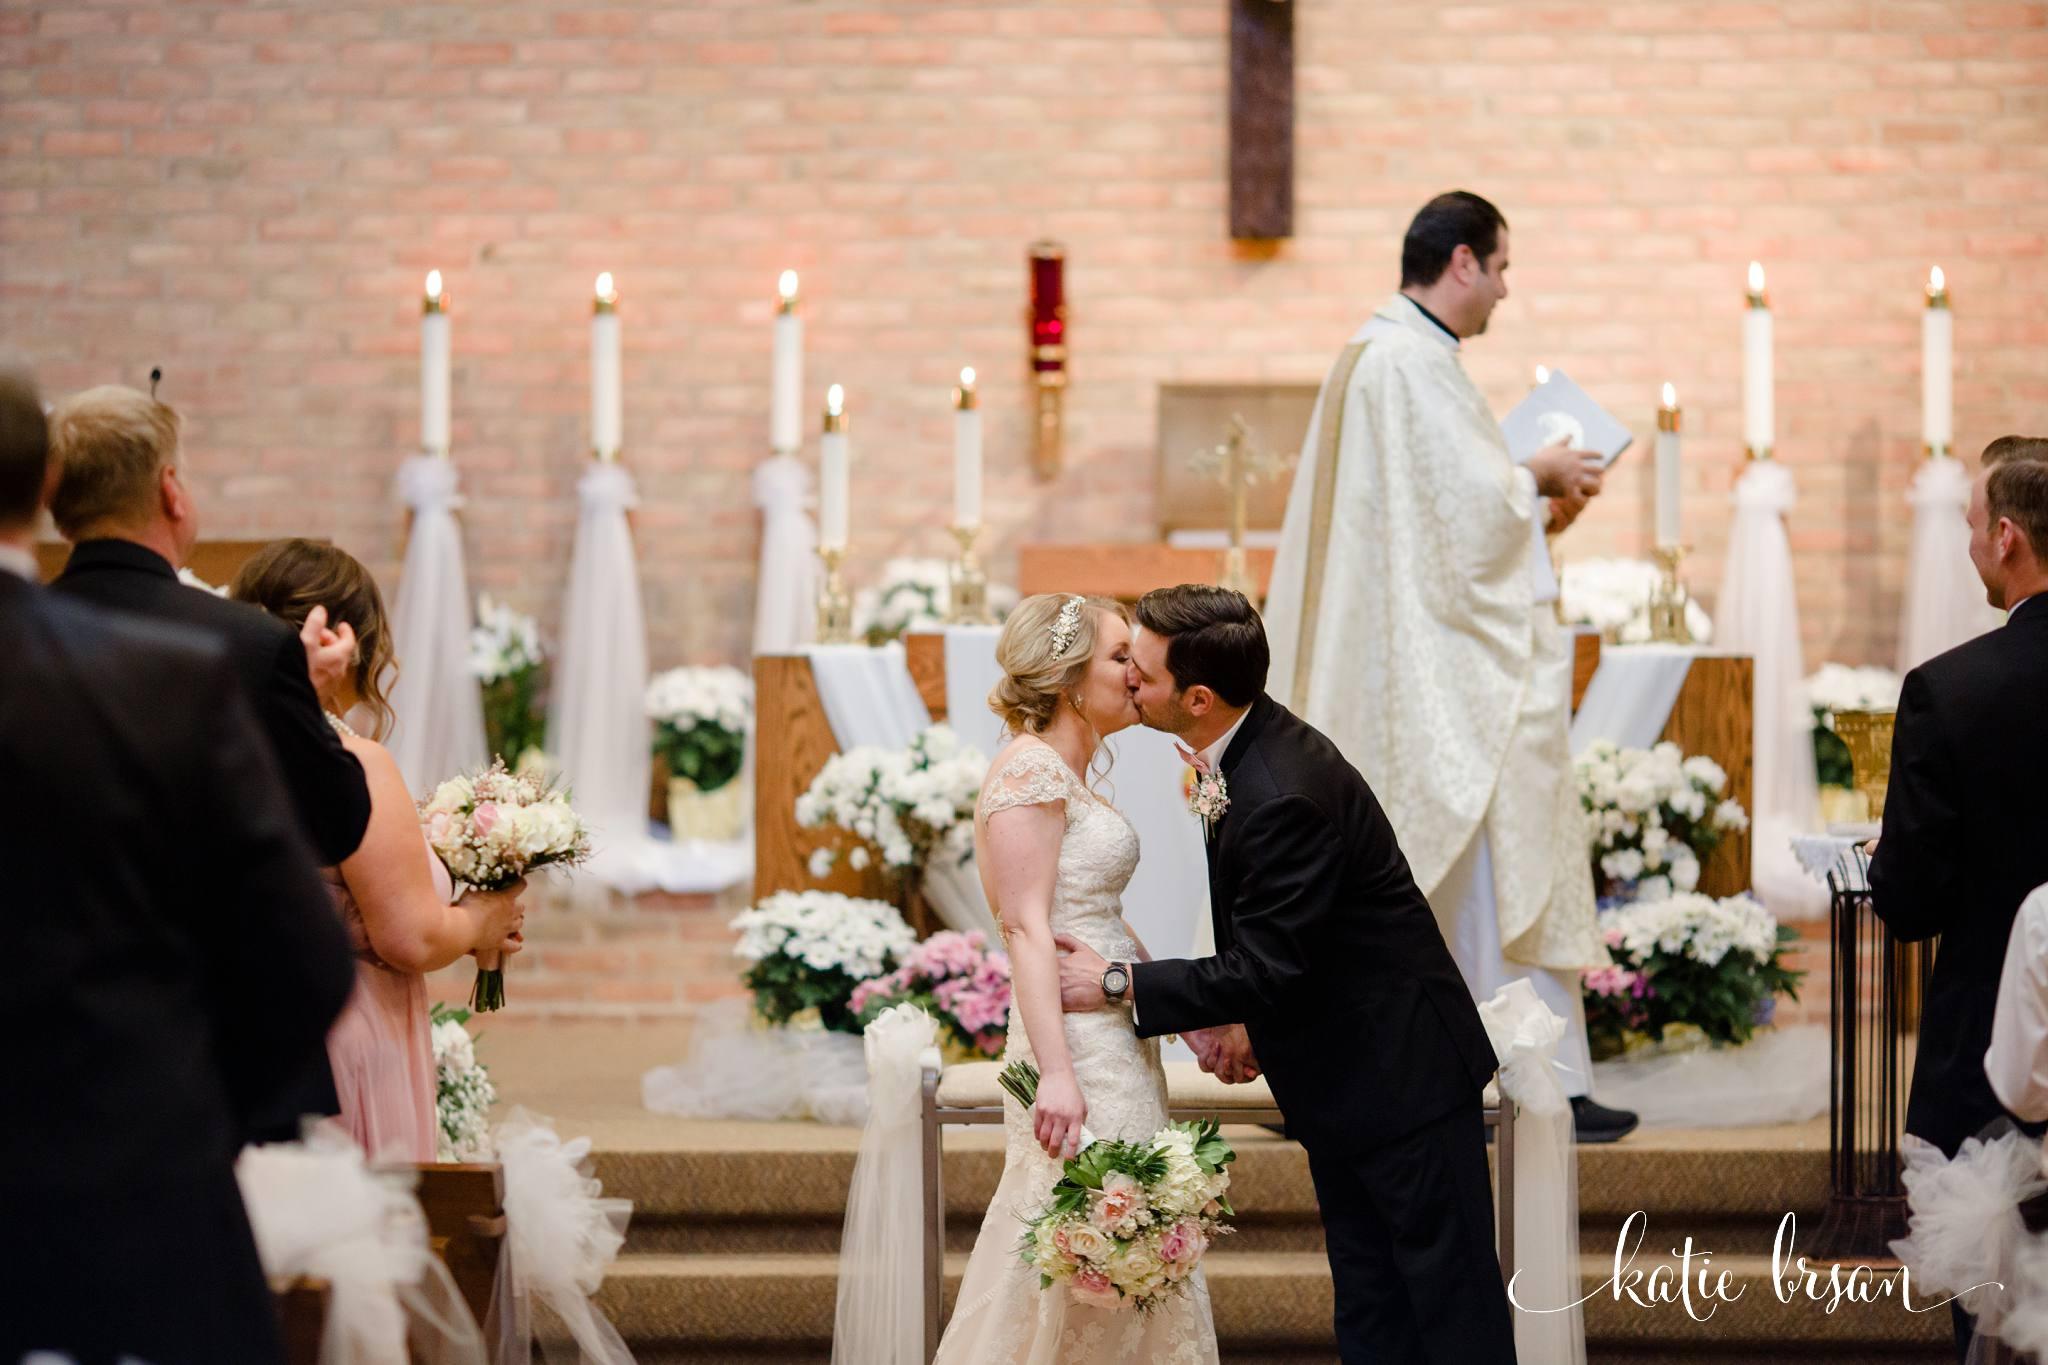 Mokena_Lemont_Wedding_Ruffled_Feathers_Wedding_1366.jpg